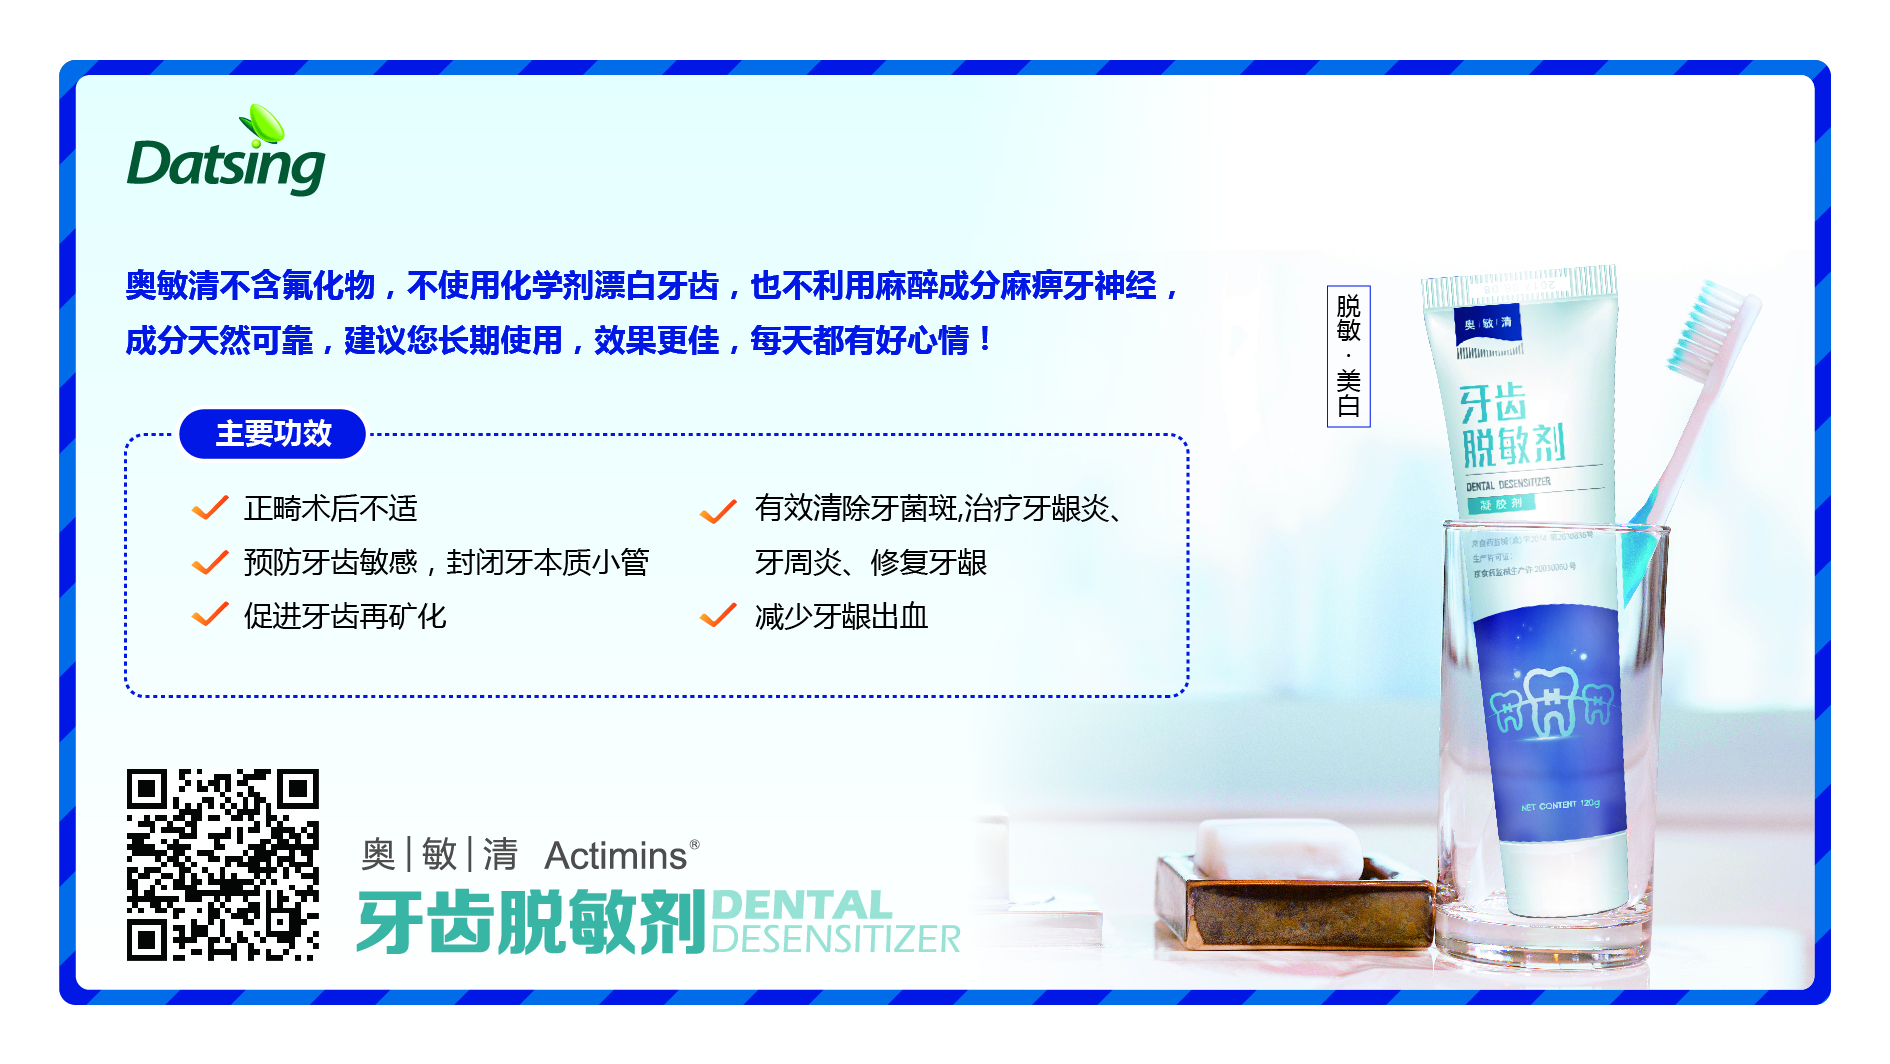 高品质北京口腔护理价格_北京商务服务